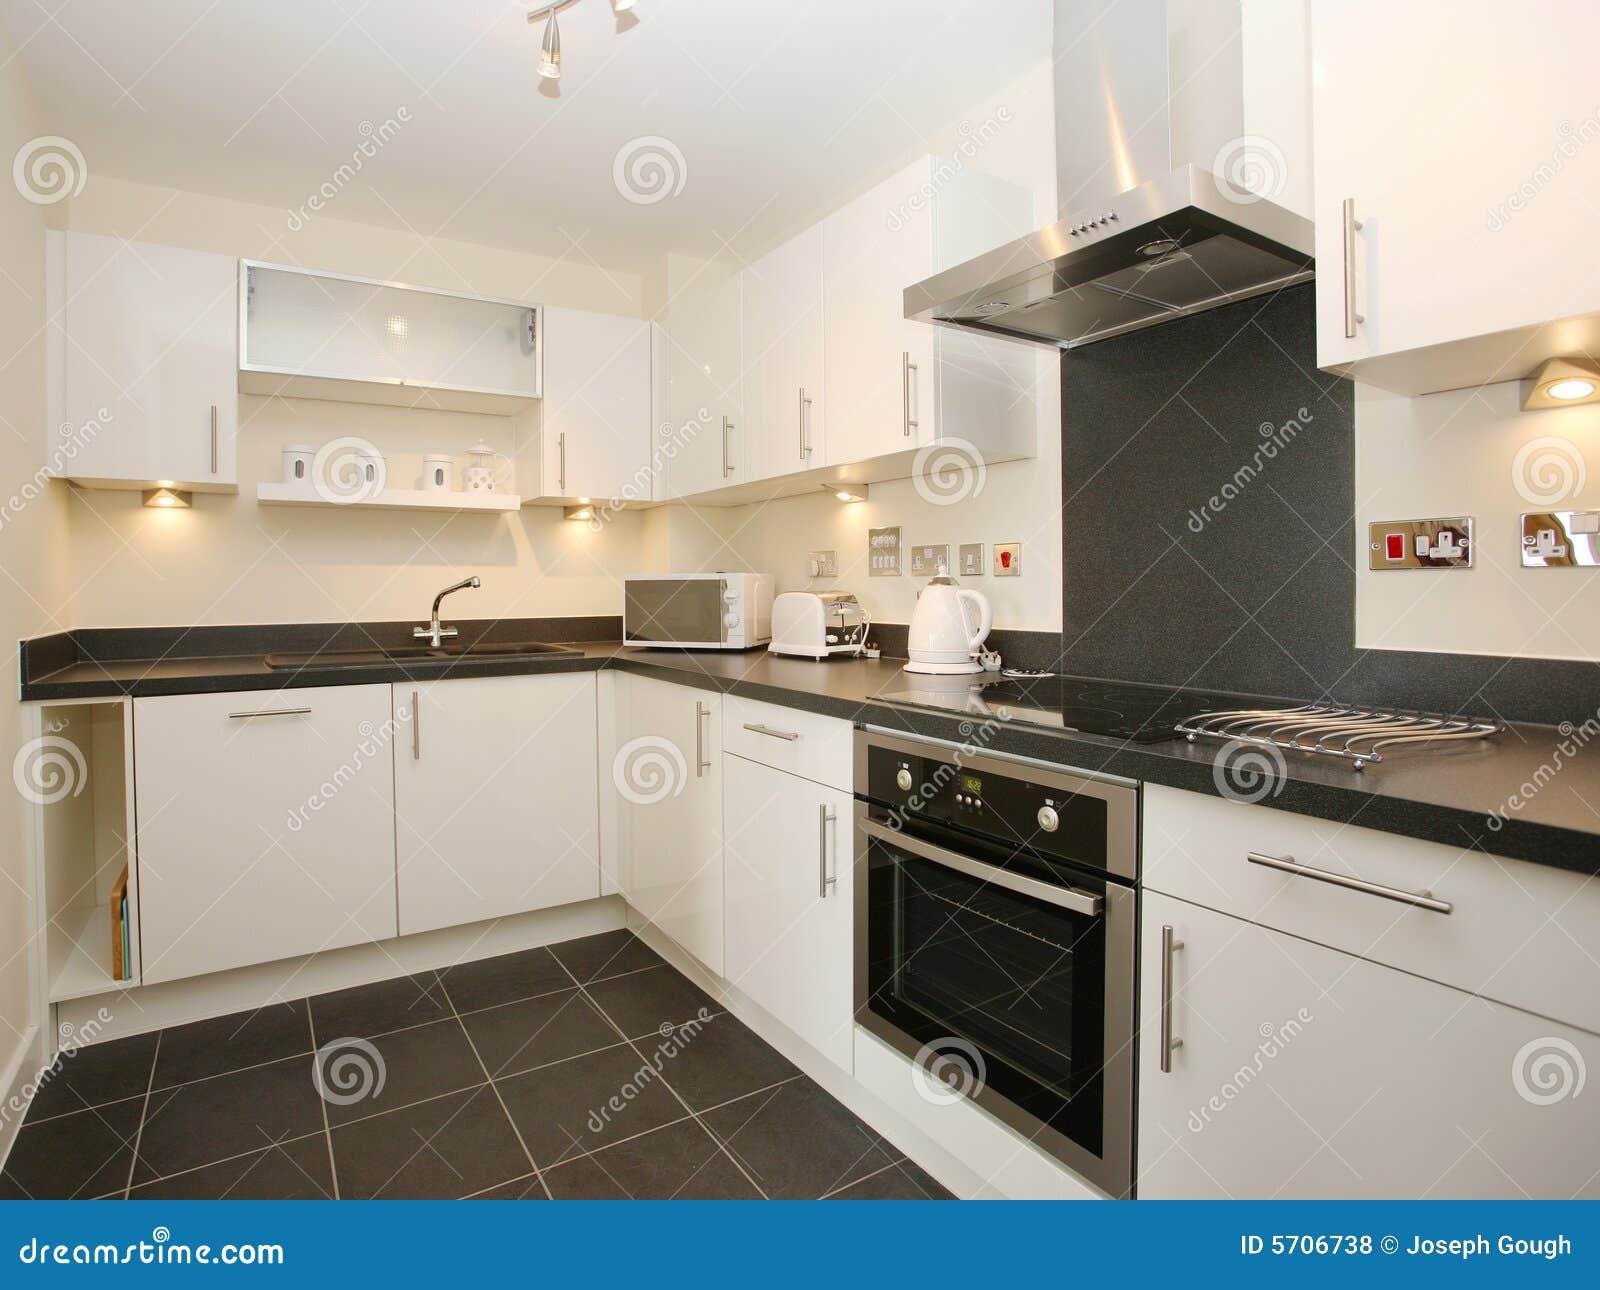 De Moderne Witte Keuken Van De Luxe Royalty vrije Stock Foto u0026#39;s   Afbeelding  5706738